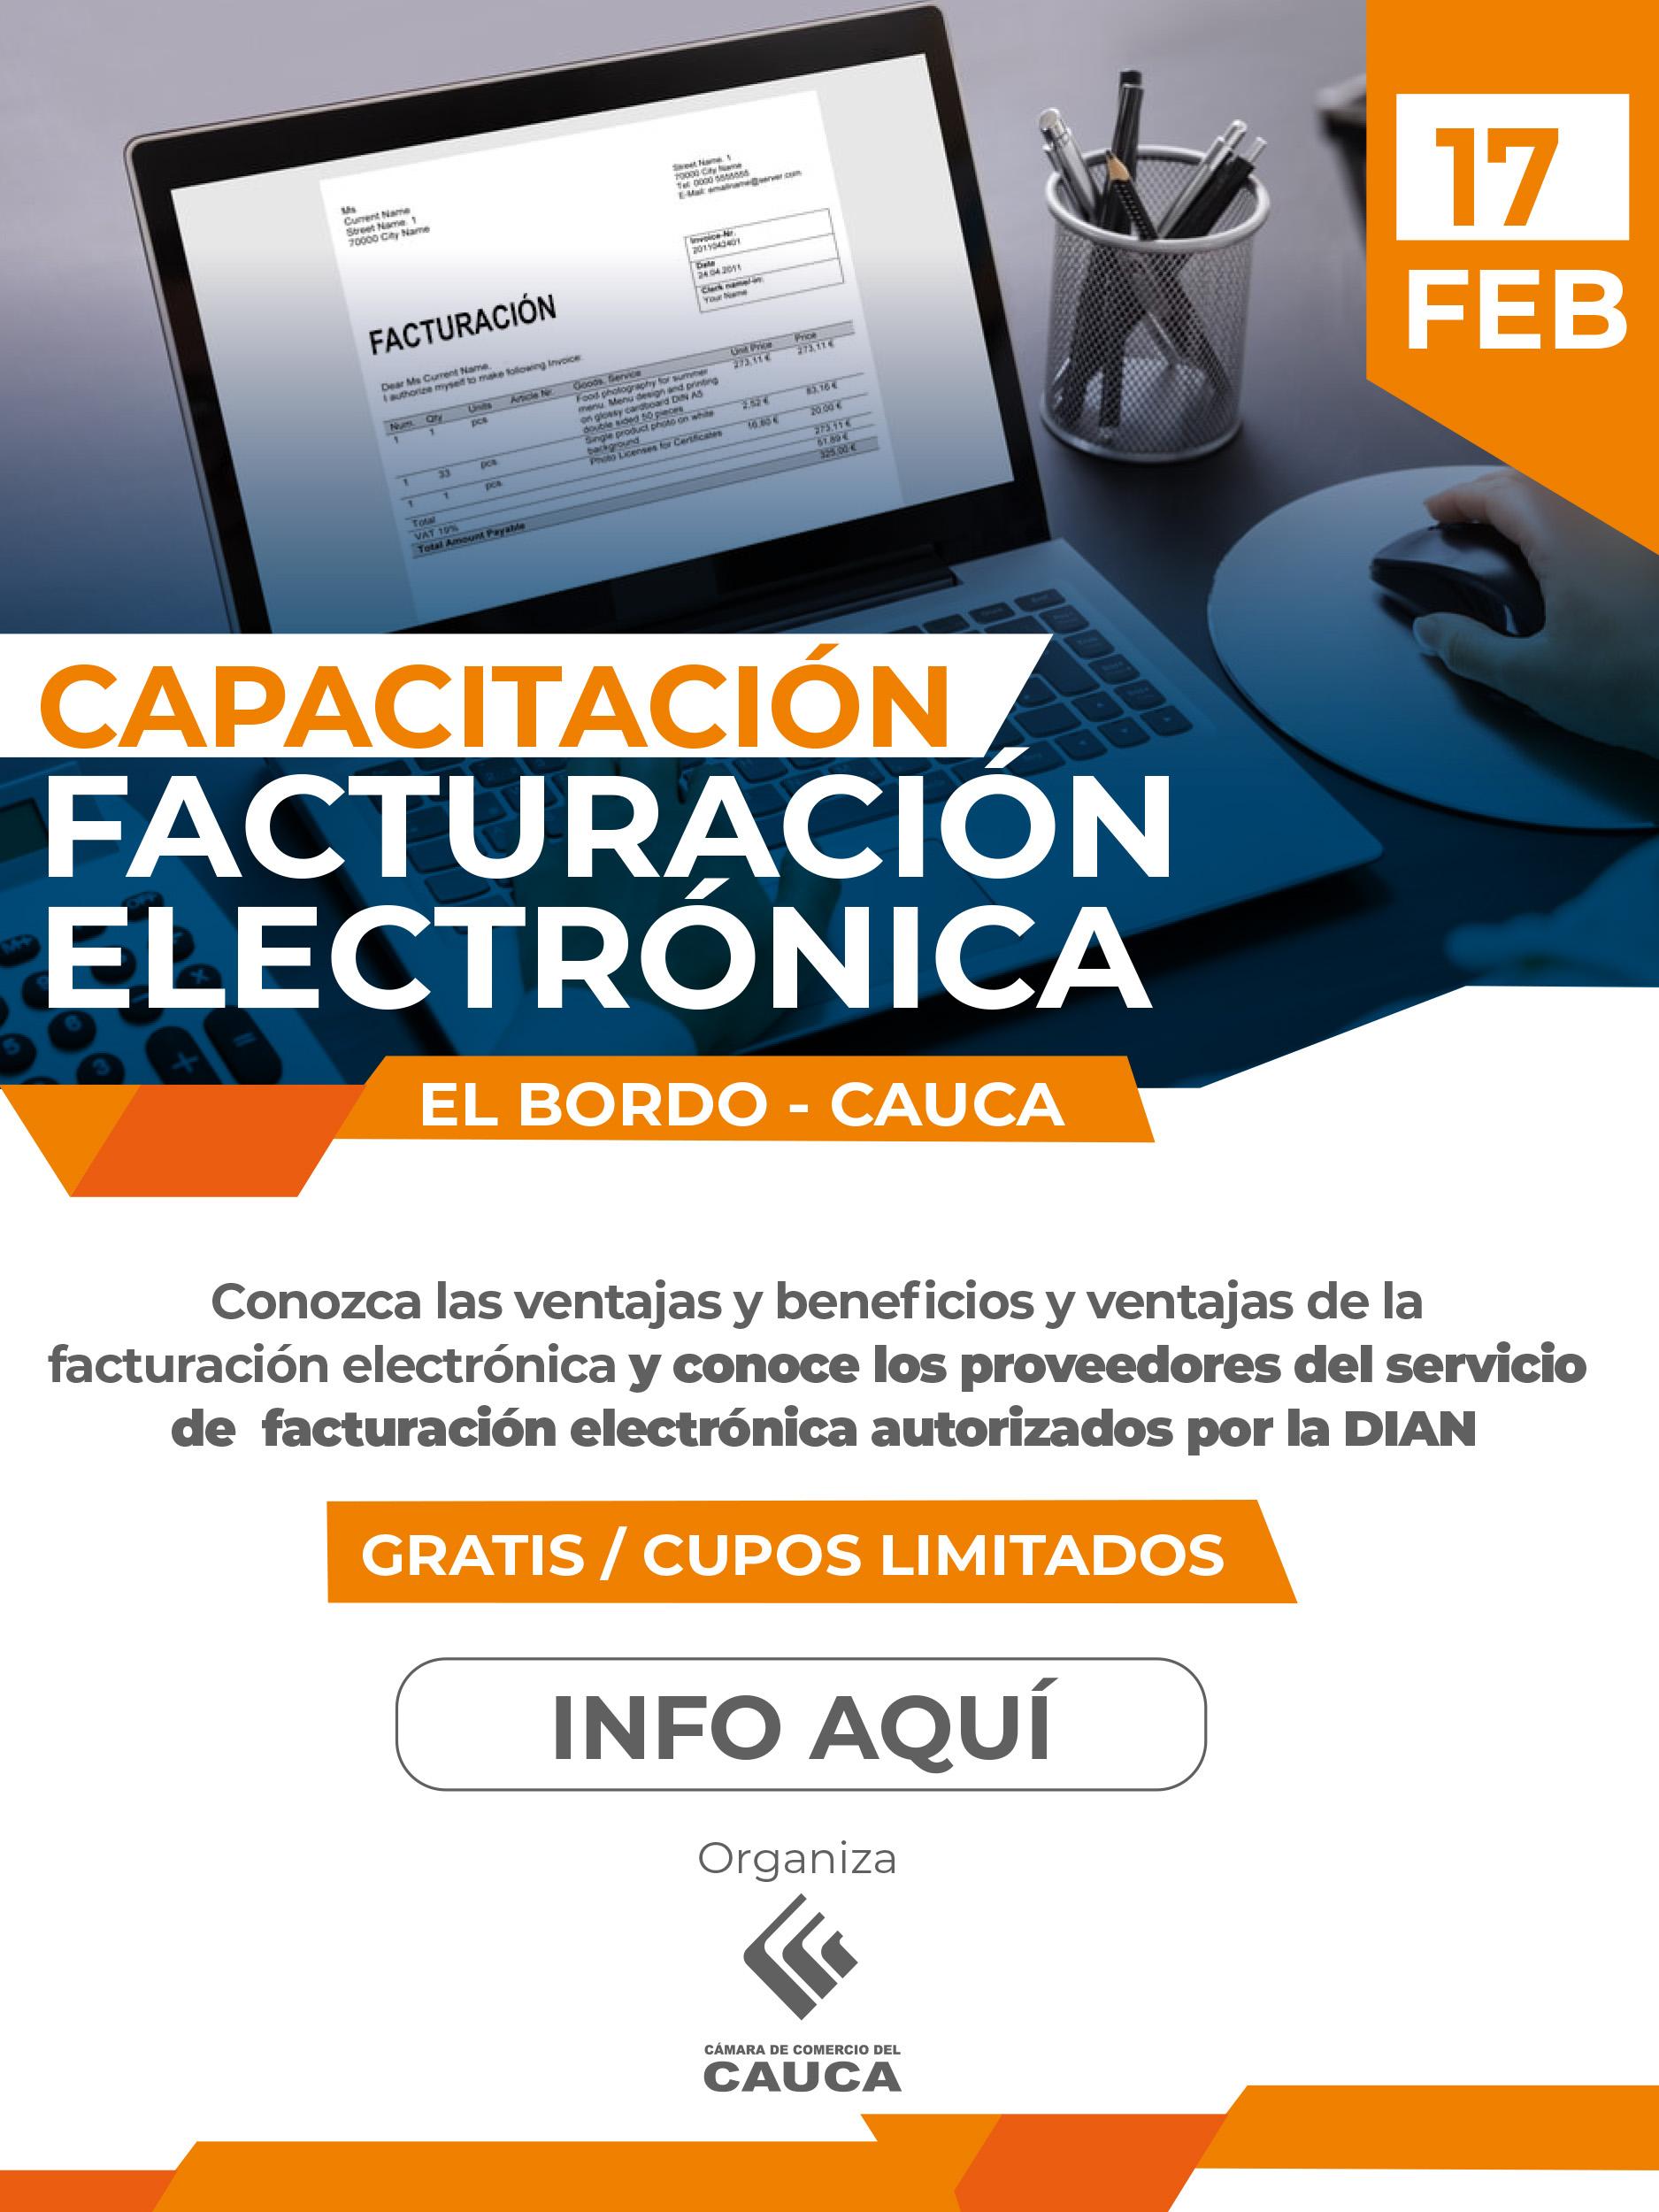 Facturación Electrónica - El Bordo Cauca